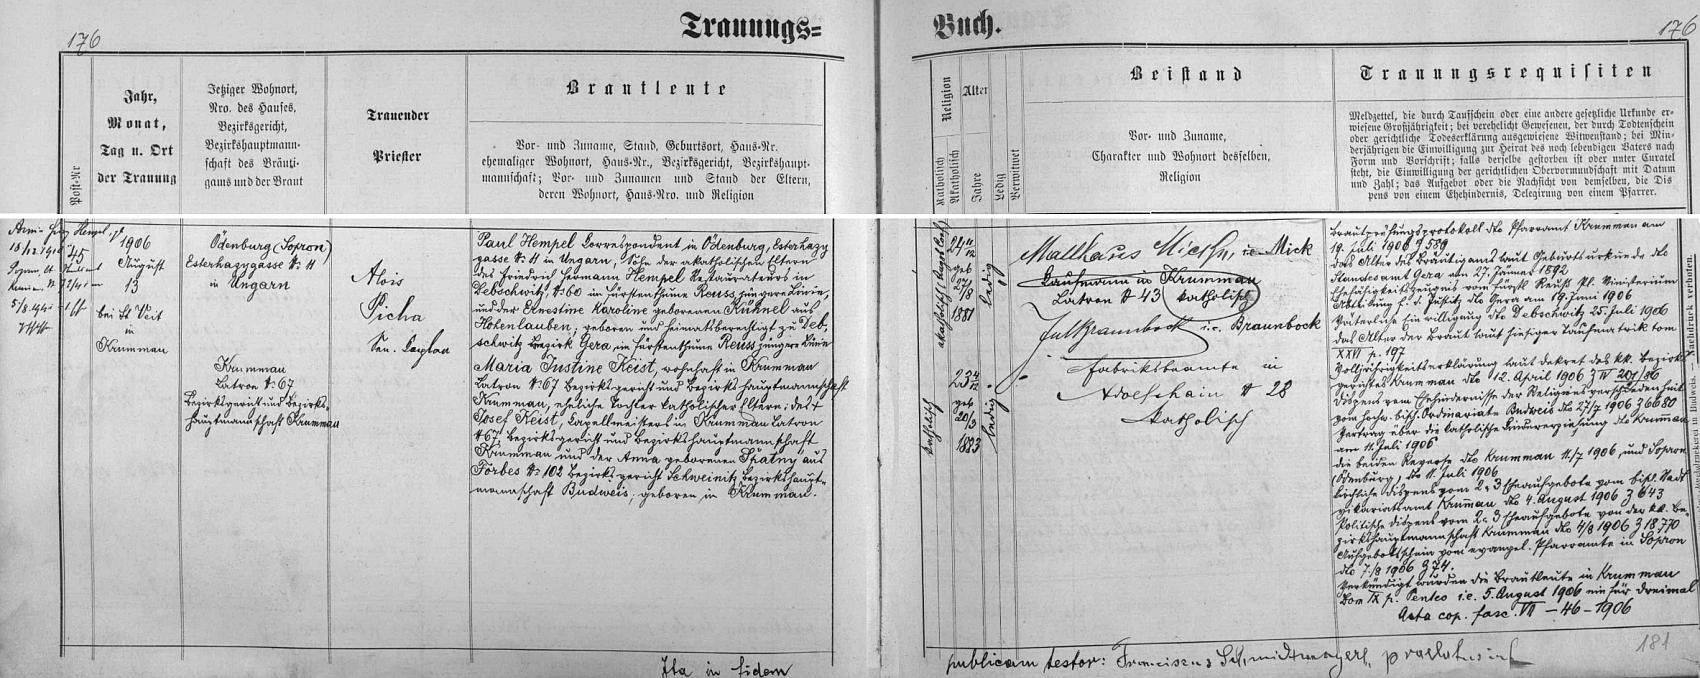 Záznam českokrumlovské matriky o svatbě jeho rodičů